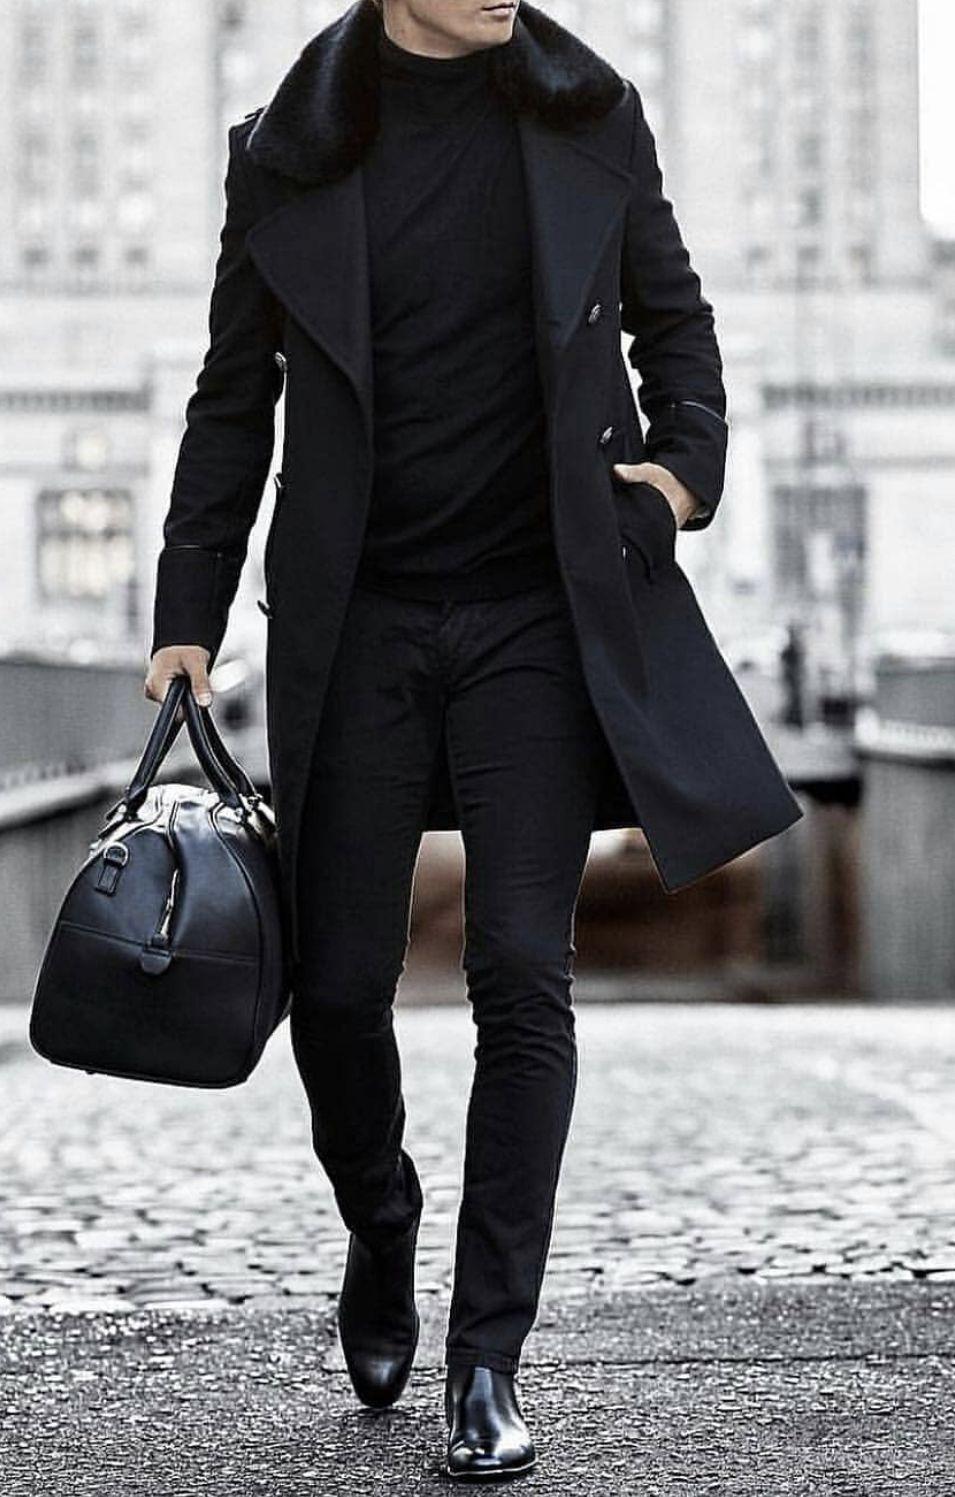 Pin von Yuri Chekrygin auf men outfit in 2019 | Stile für